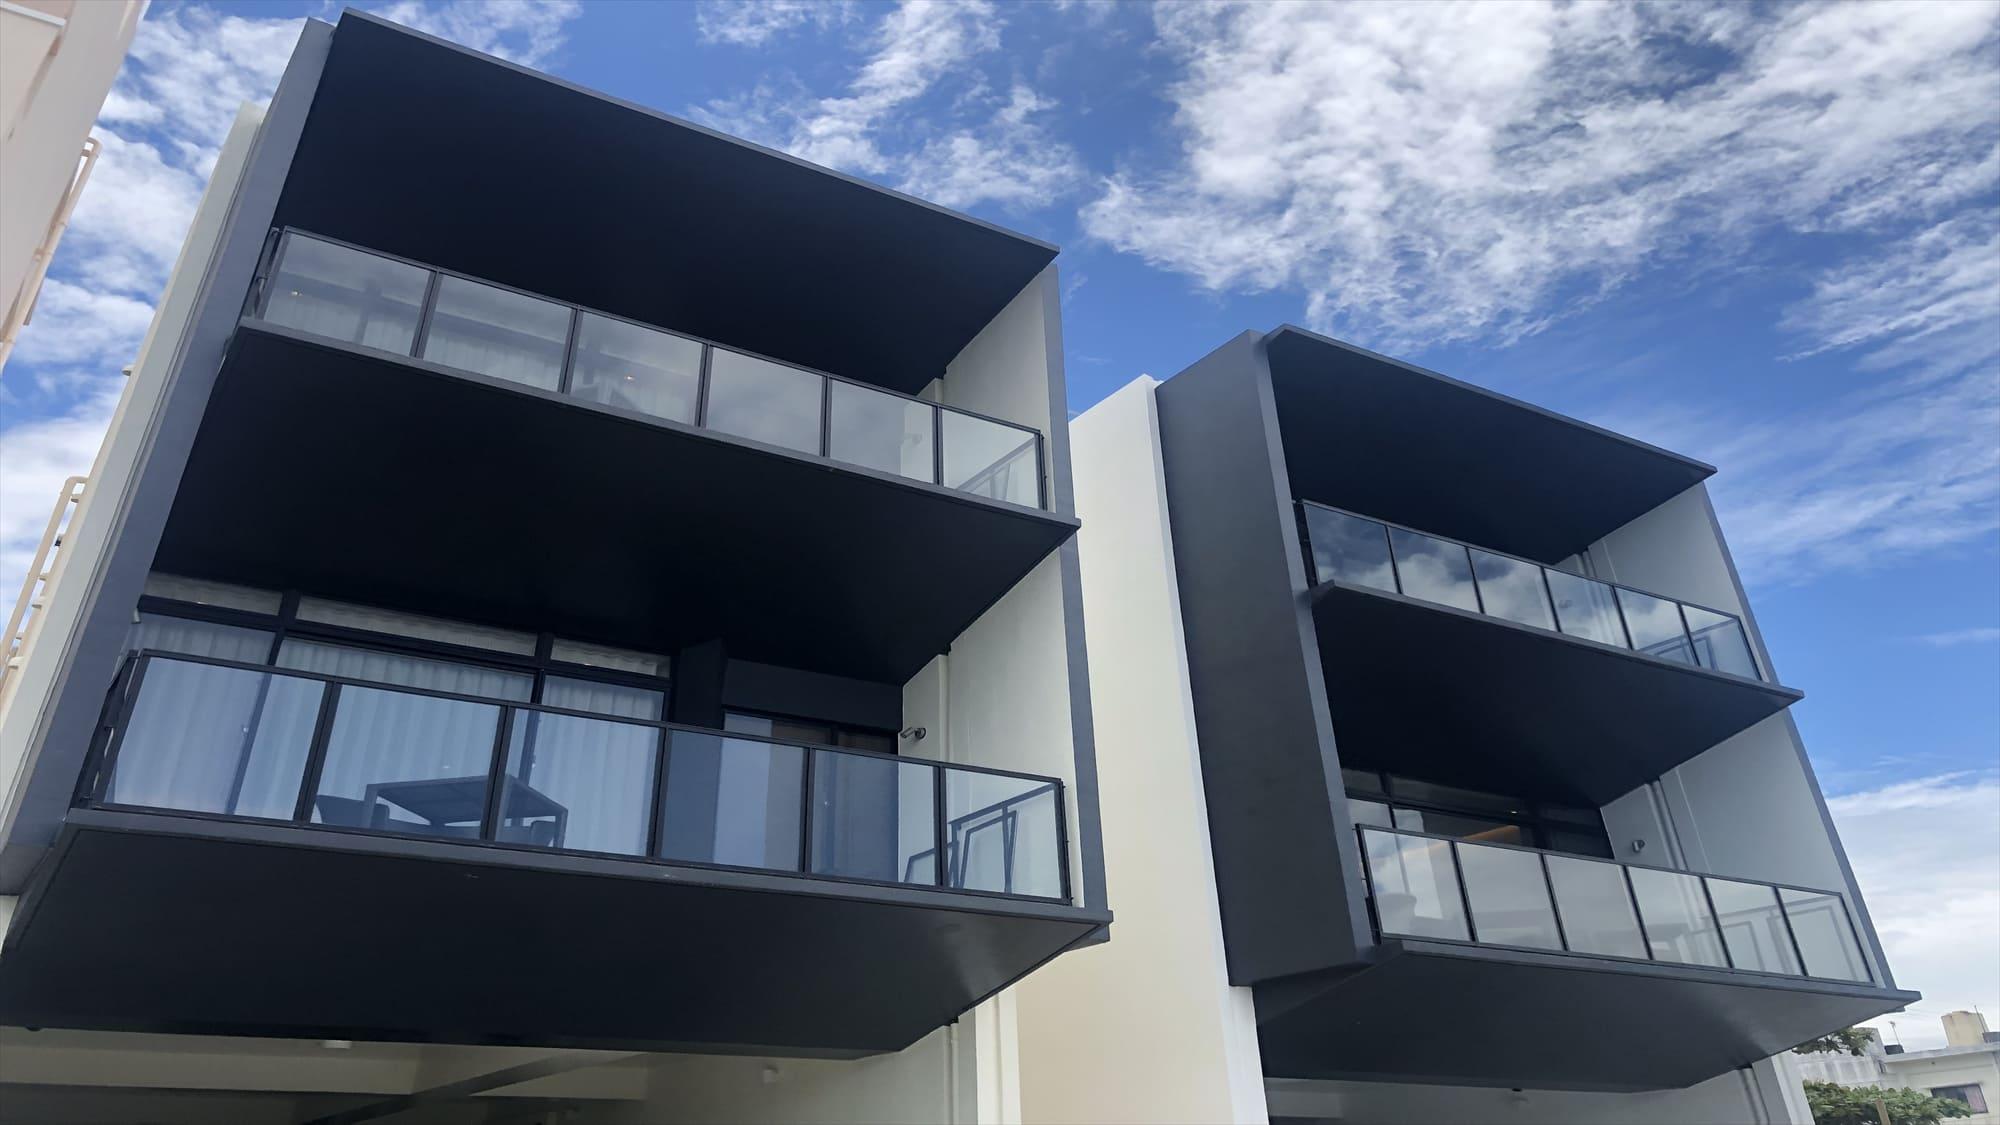 Condominium NOOSA(コンドミニアム ヌーサ)...